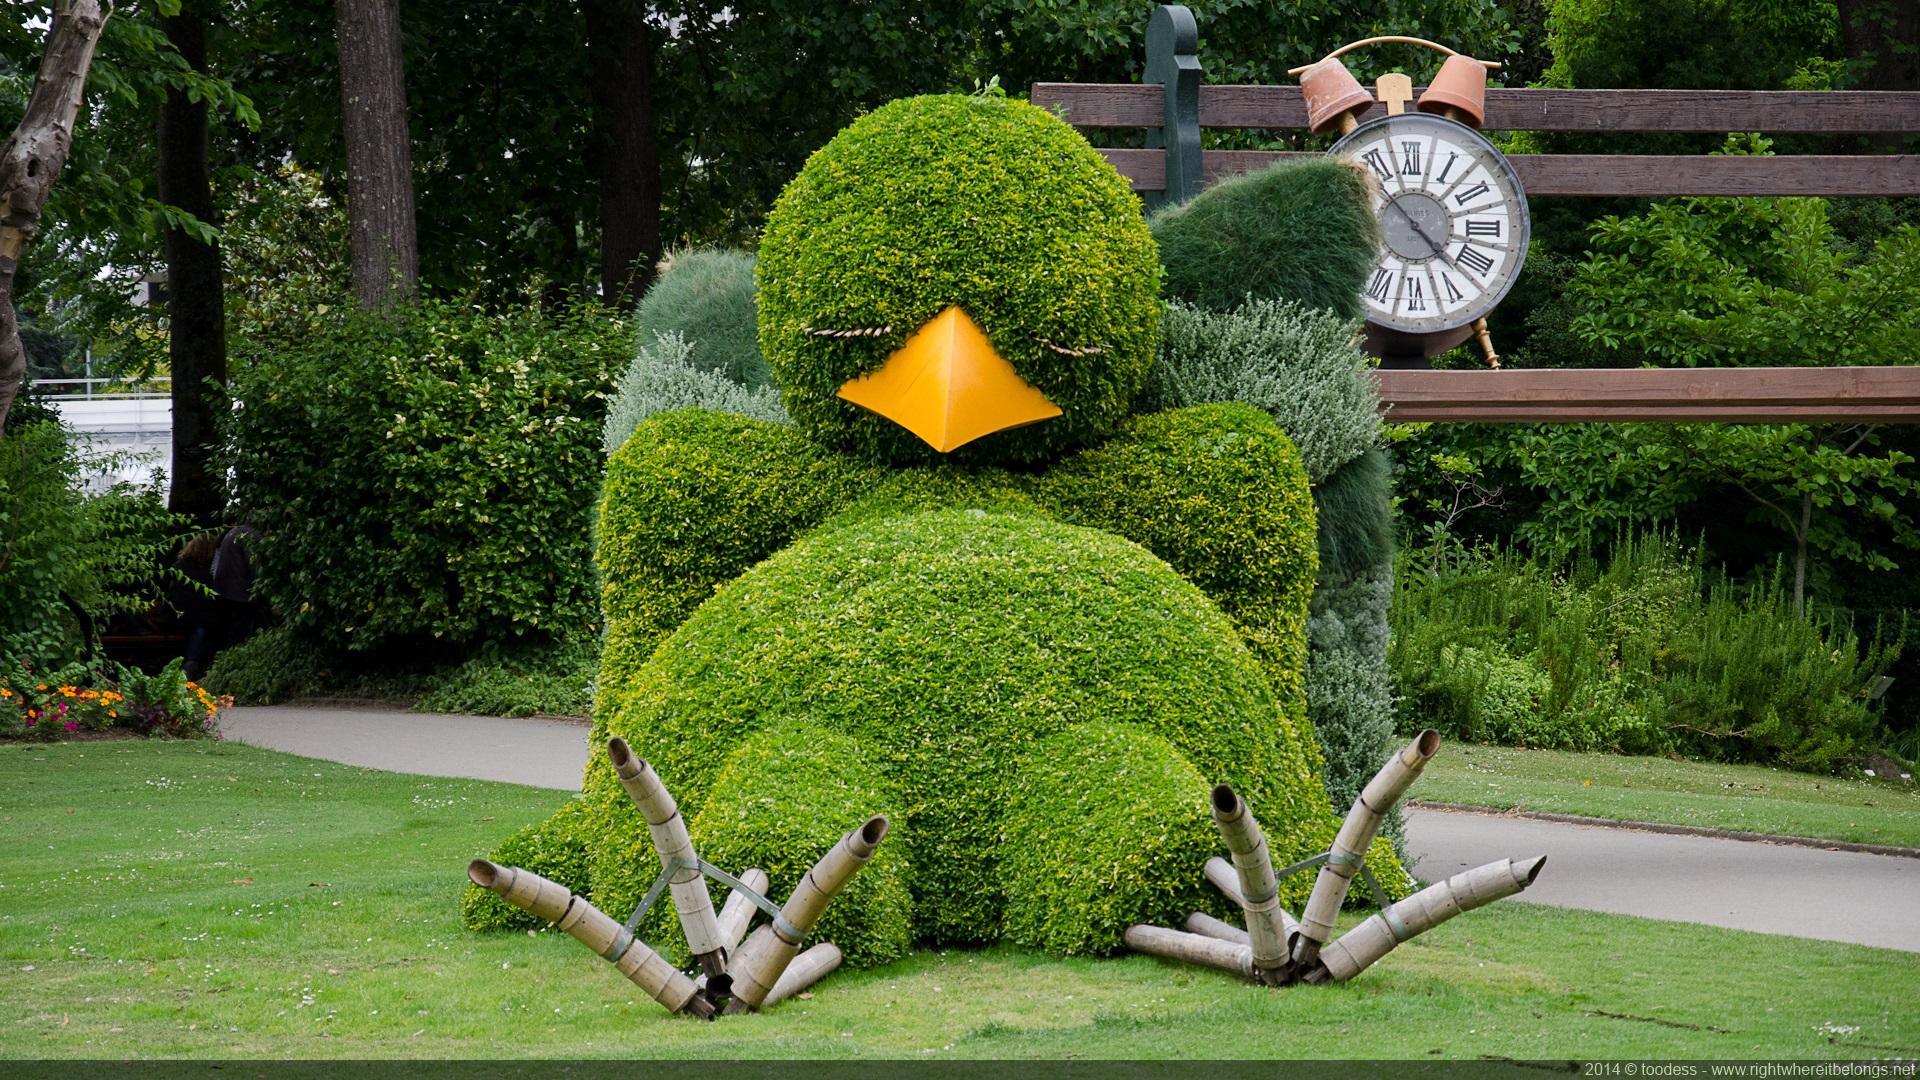 poussin-buis-nantes-jardin-plante-03 - La boite verte